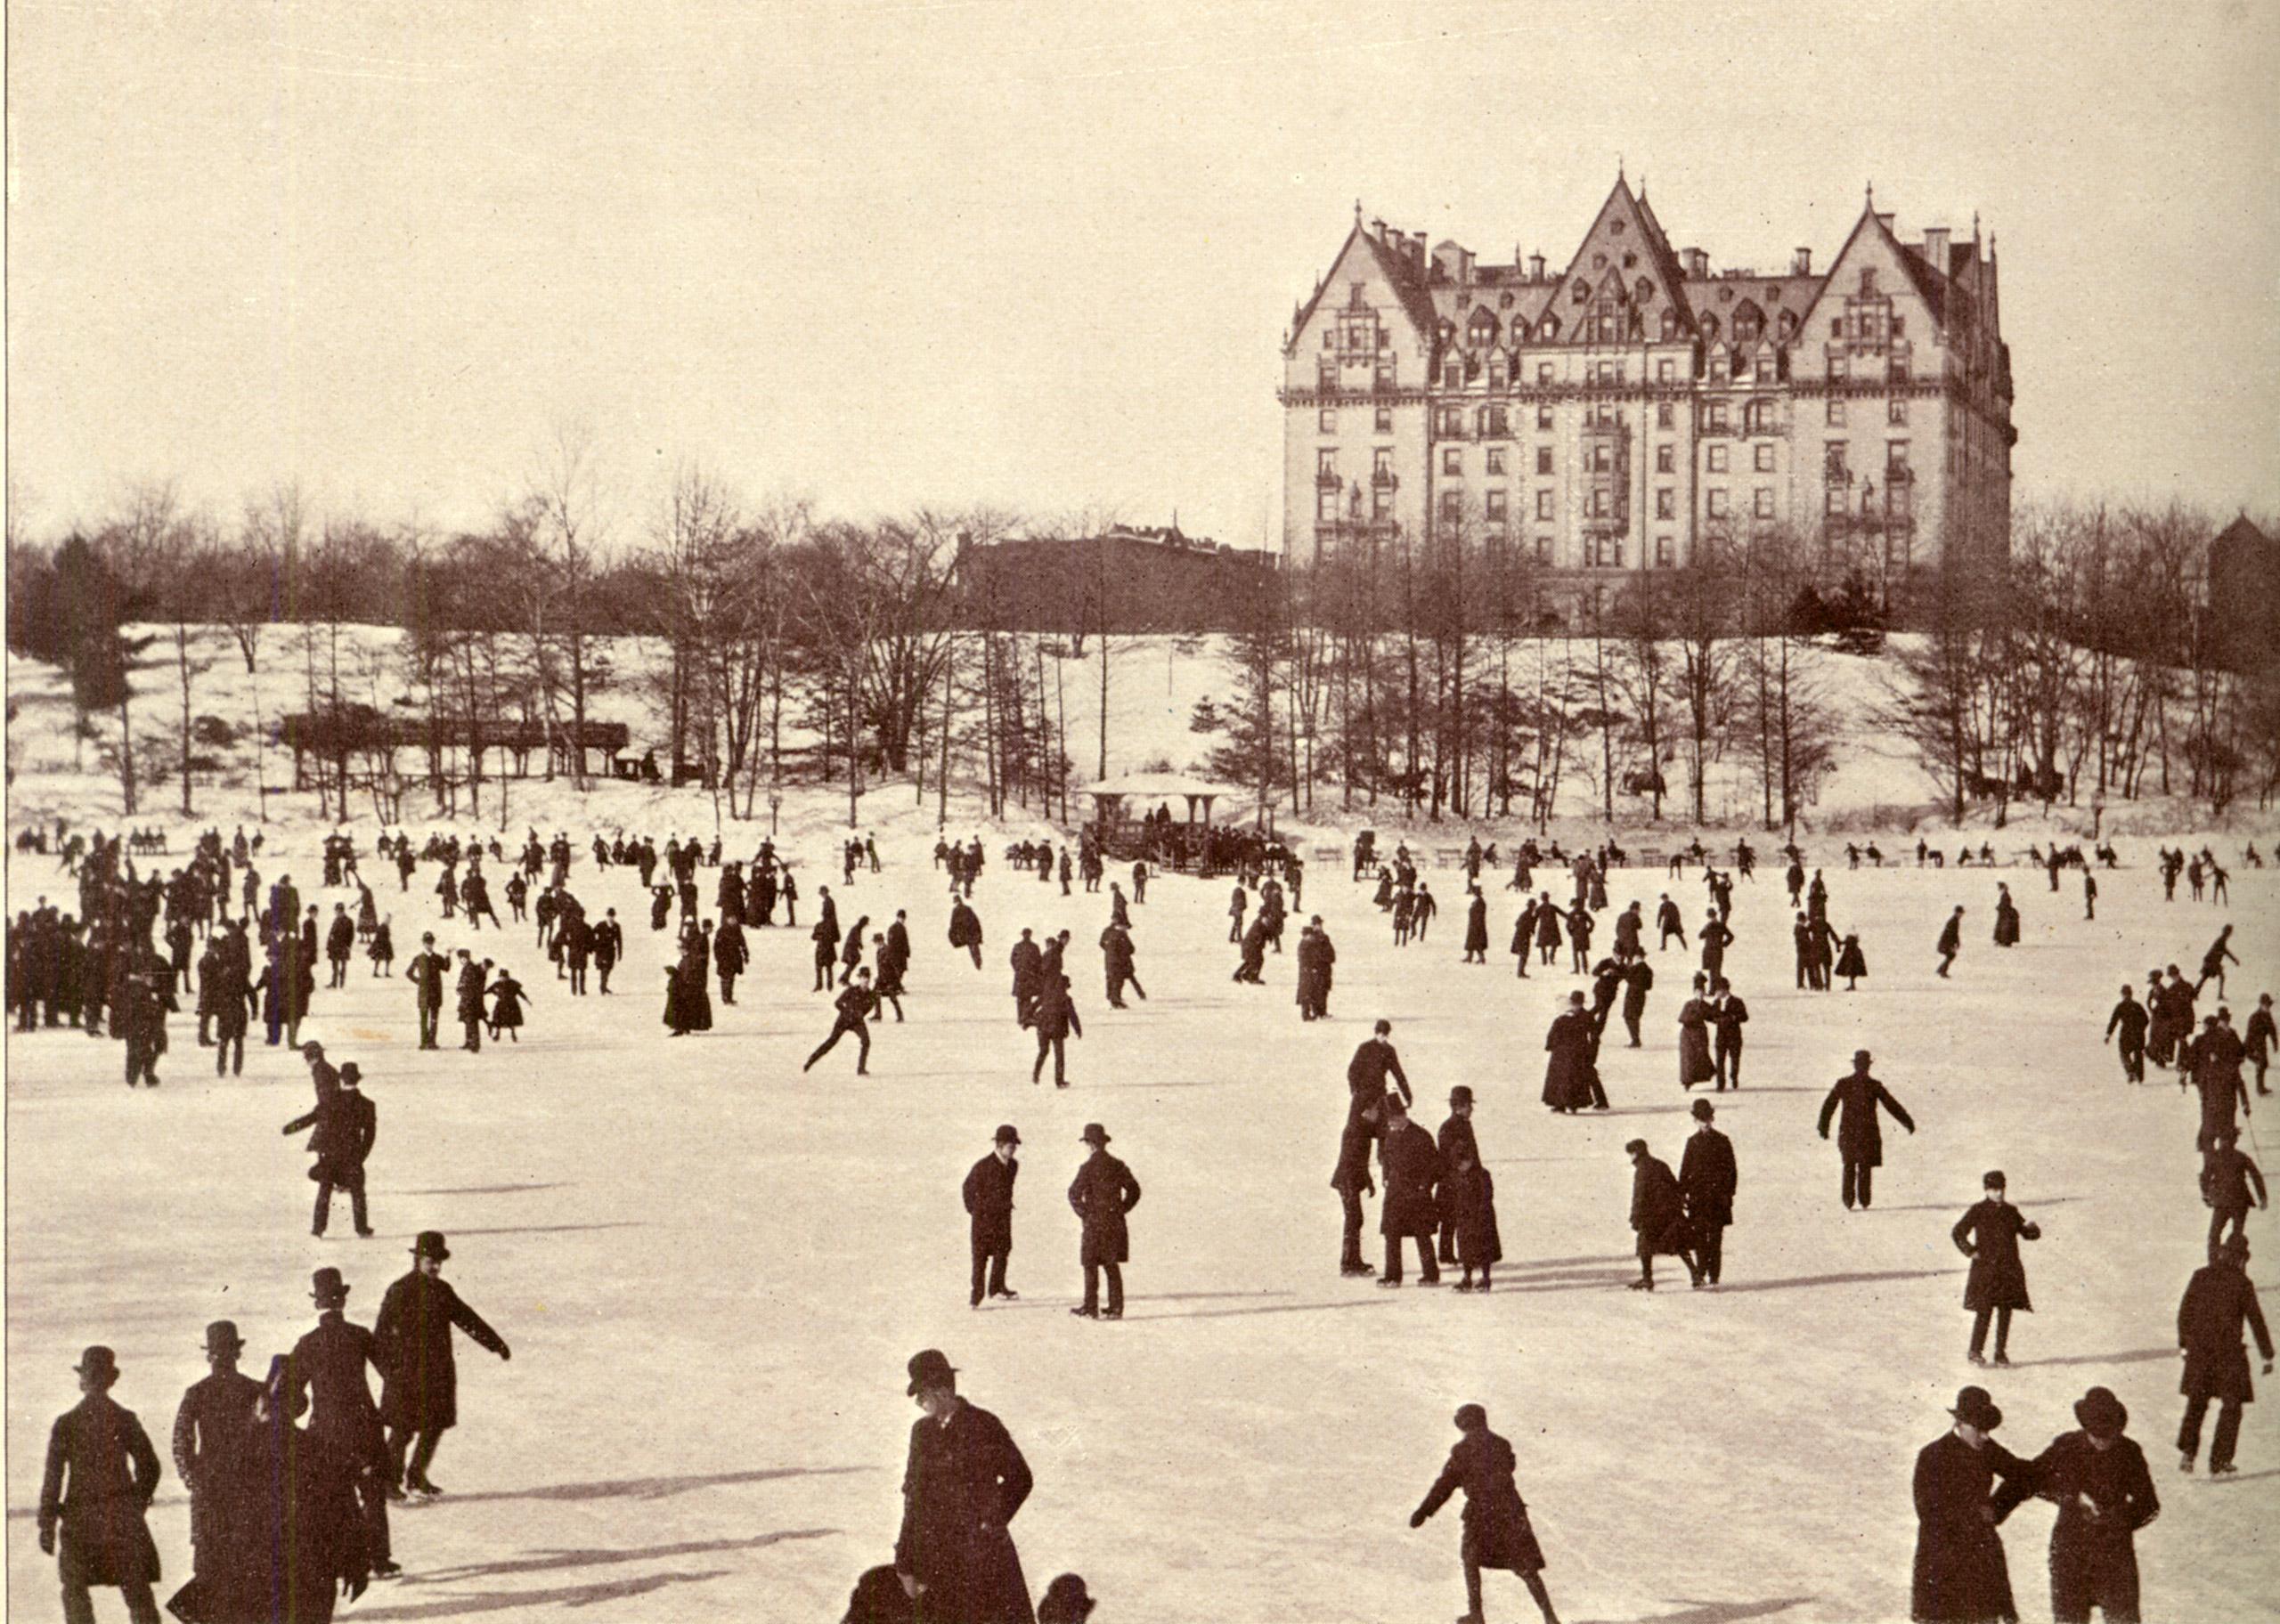 Skaters on the lake in Central Park. The Dakota dominated the scene.